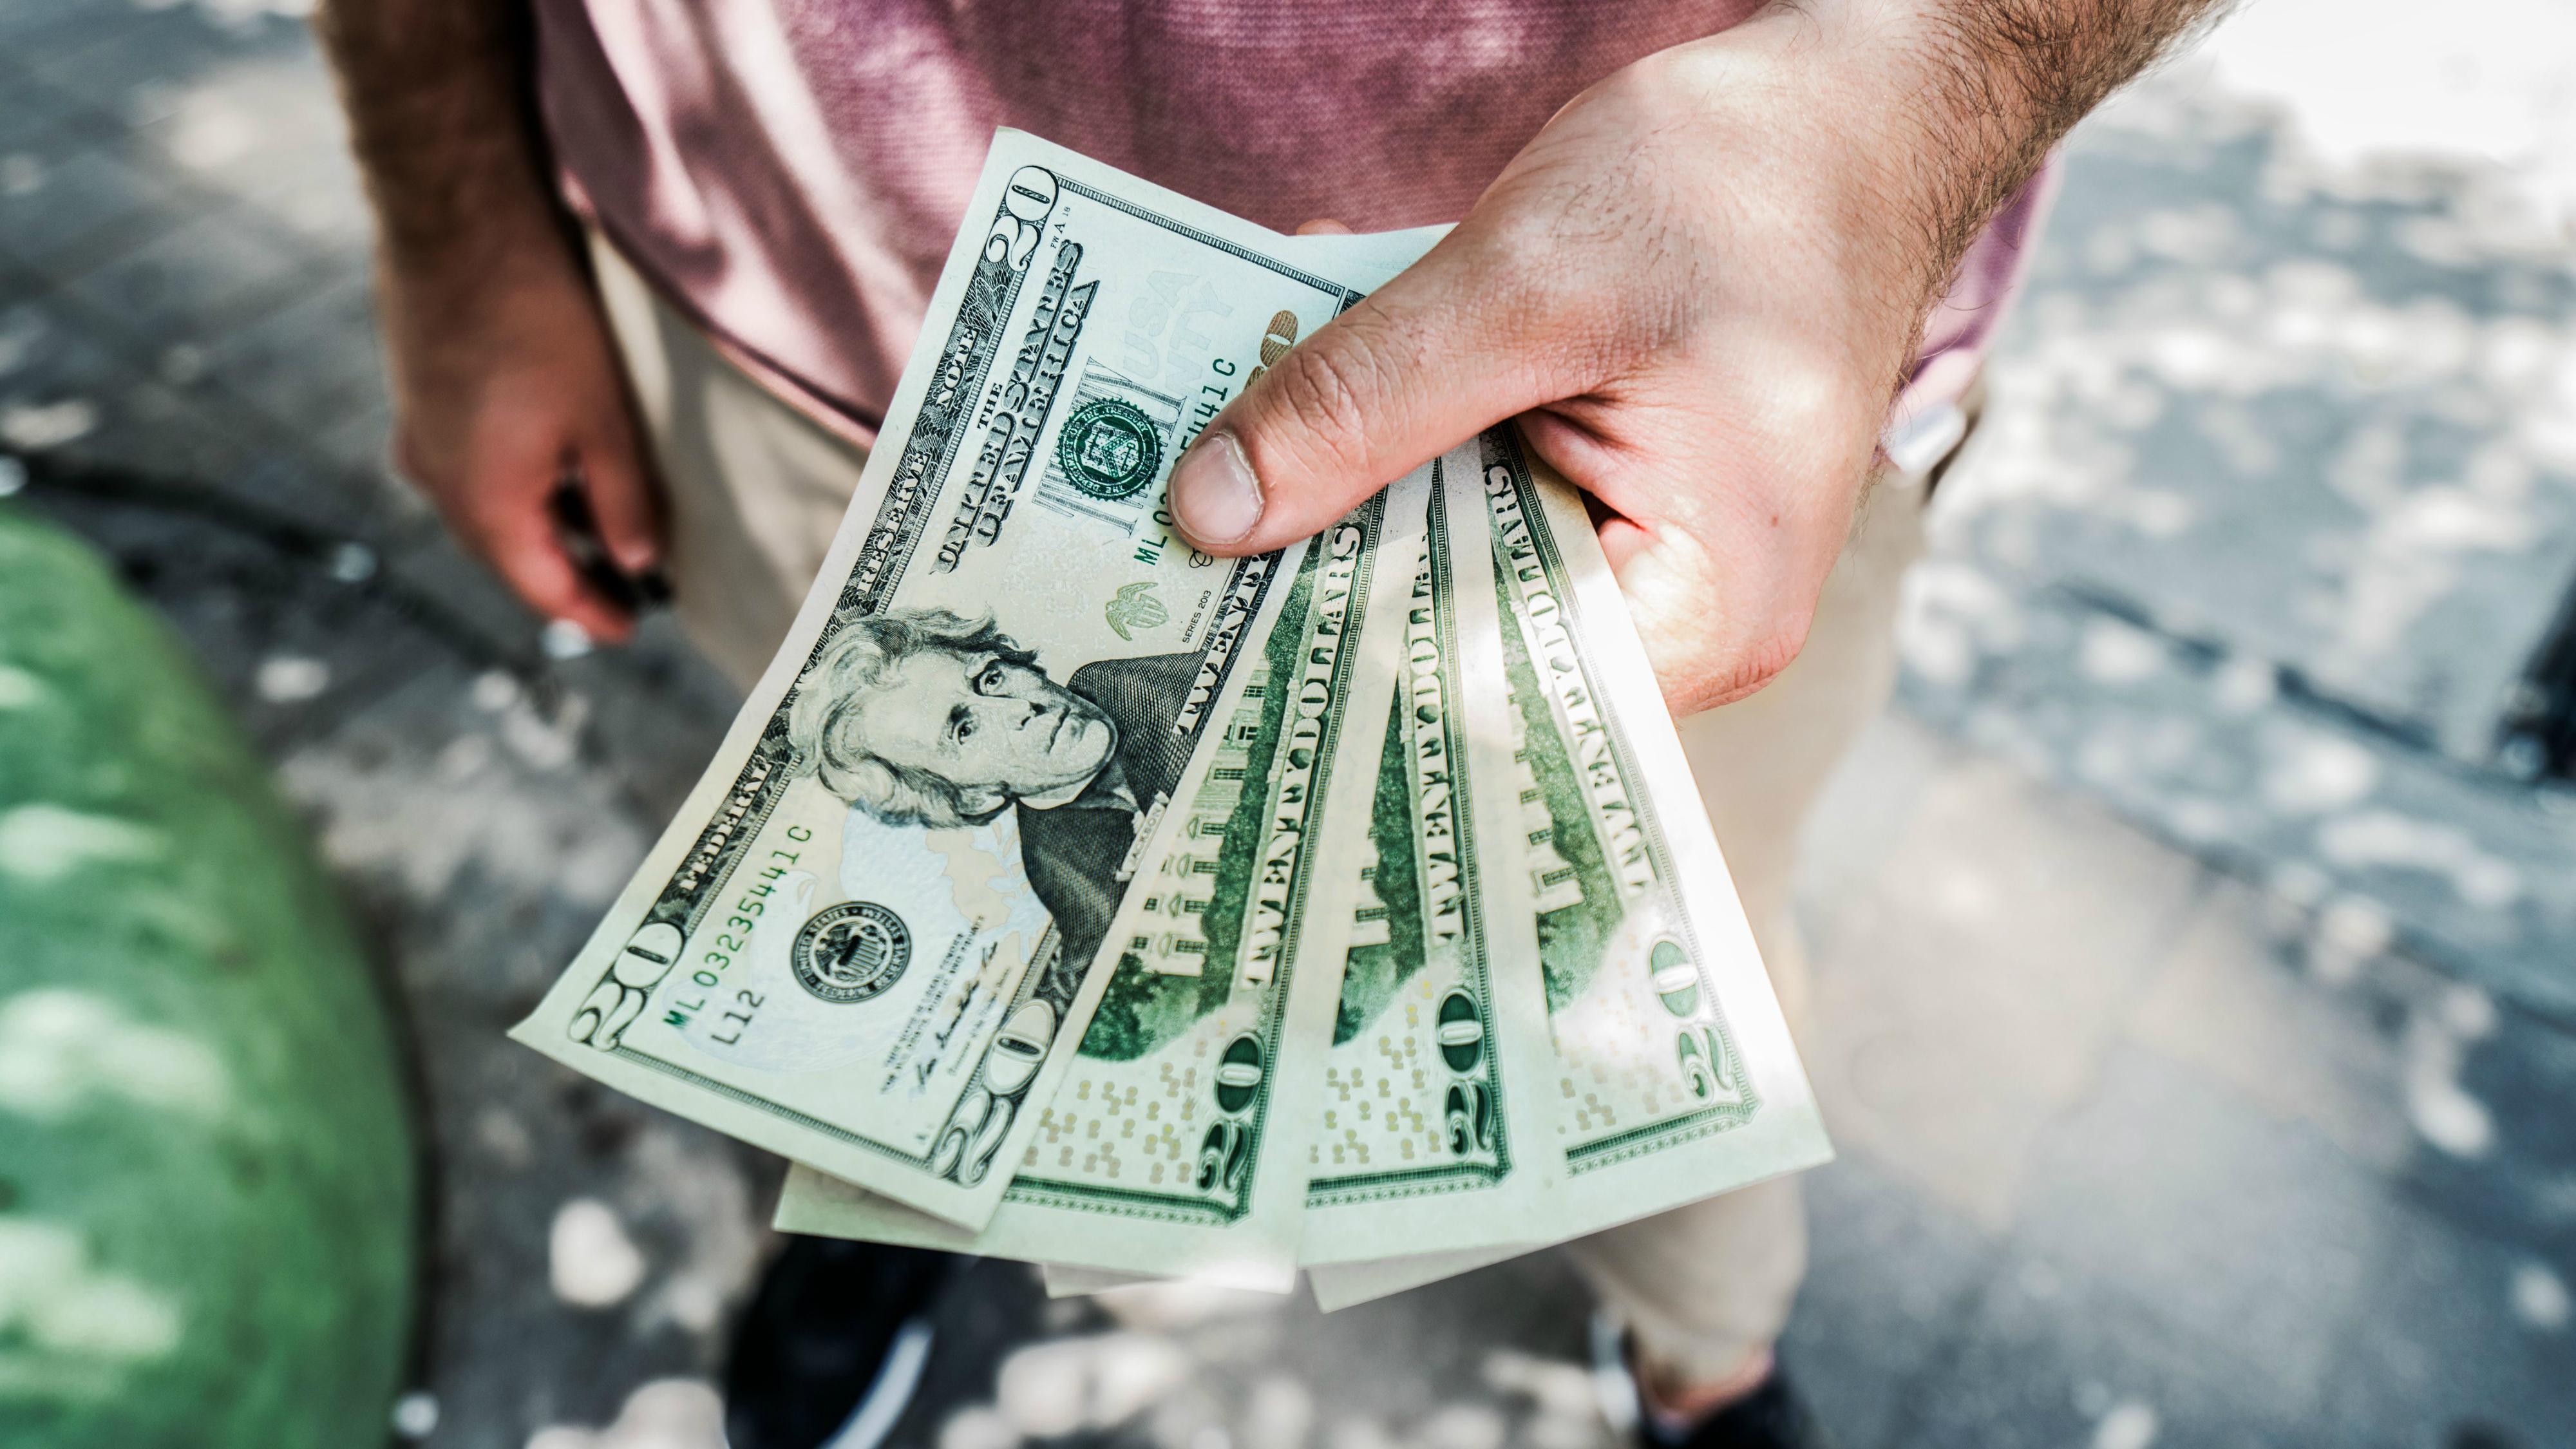 Kā pelnīt naudu tagad, atbilde...